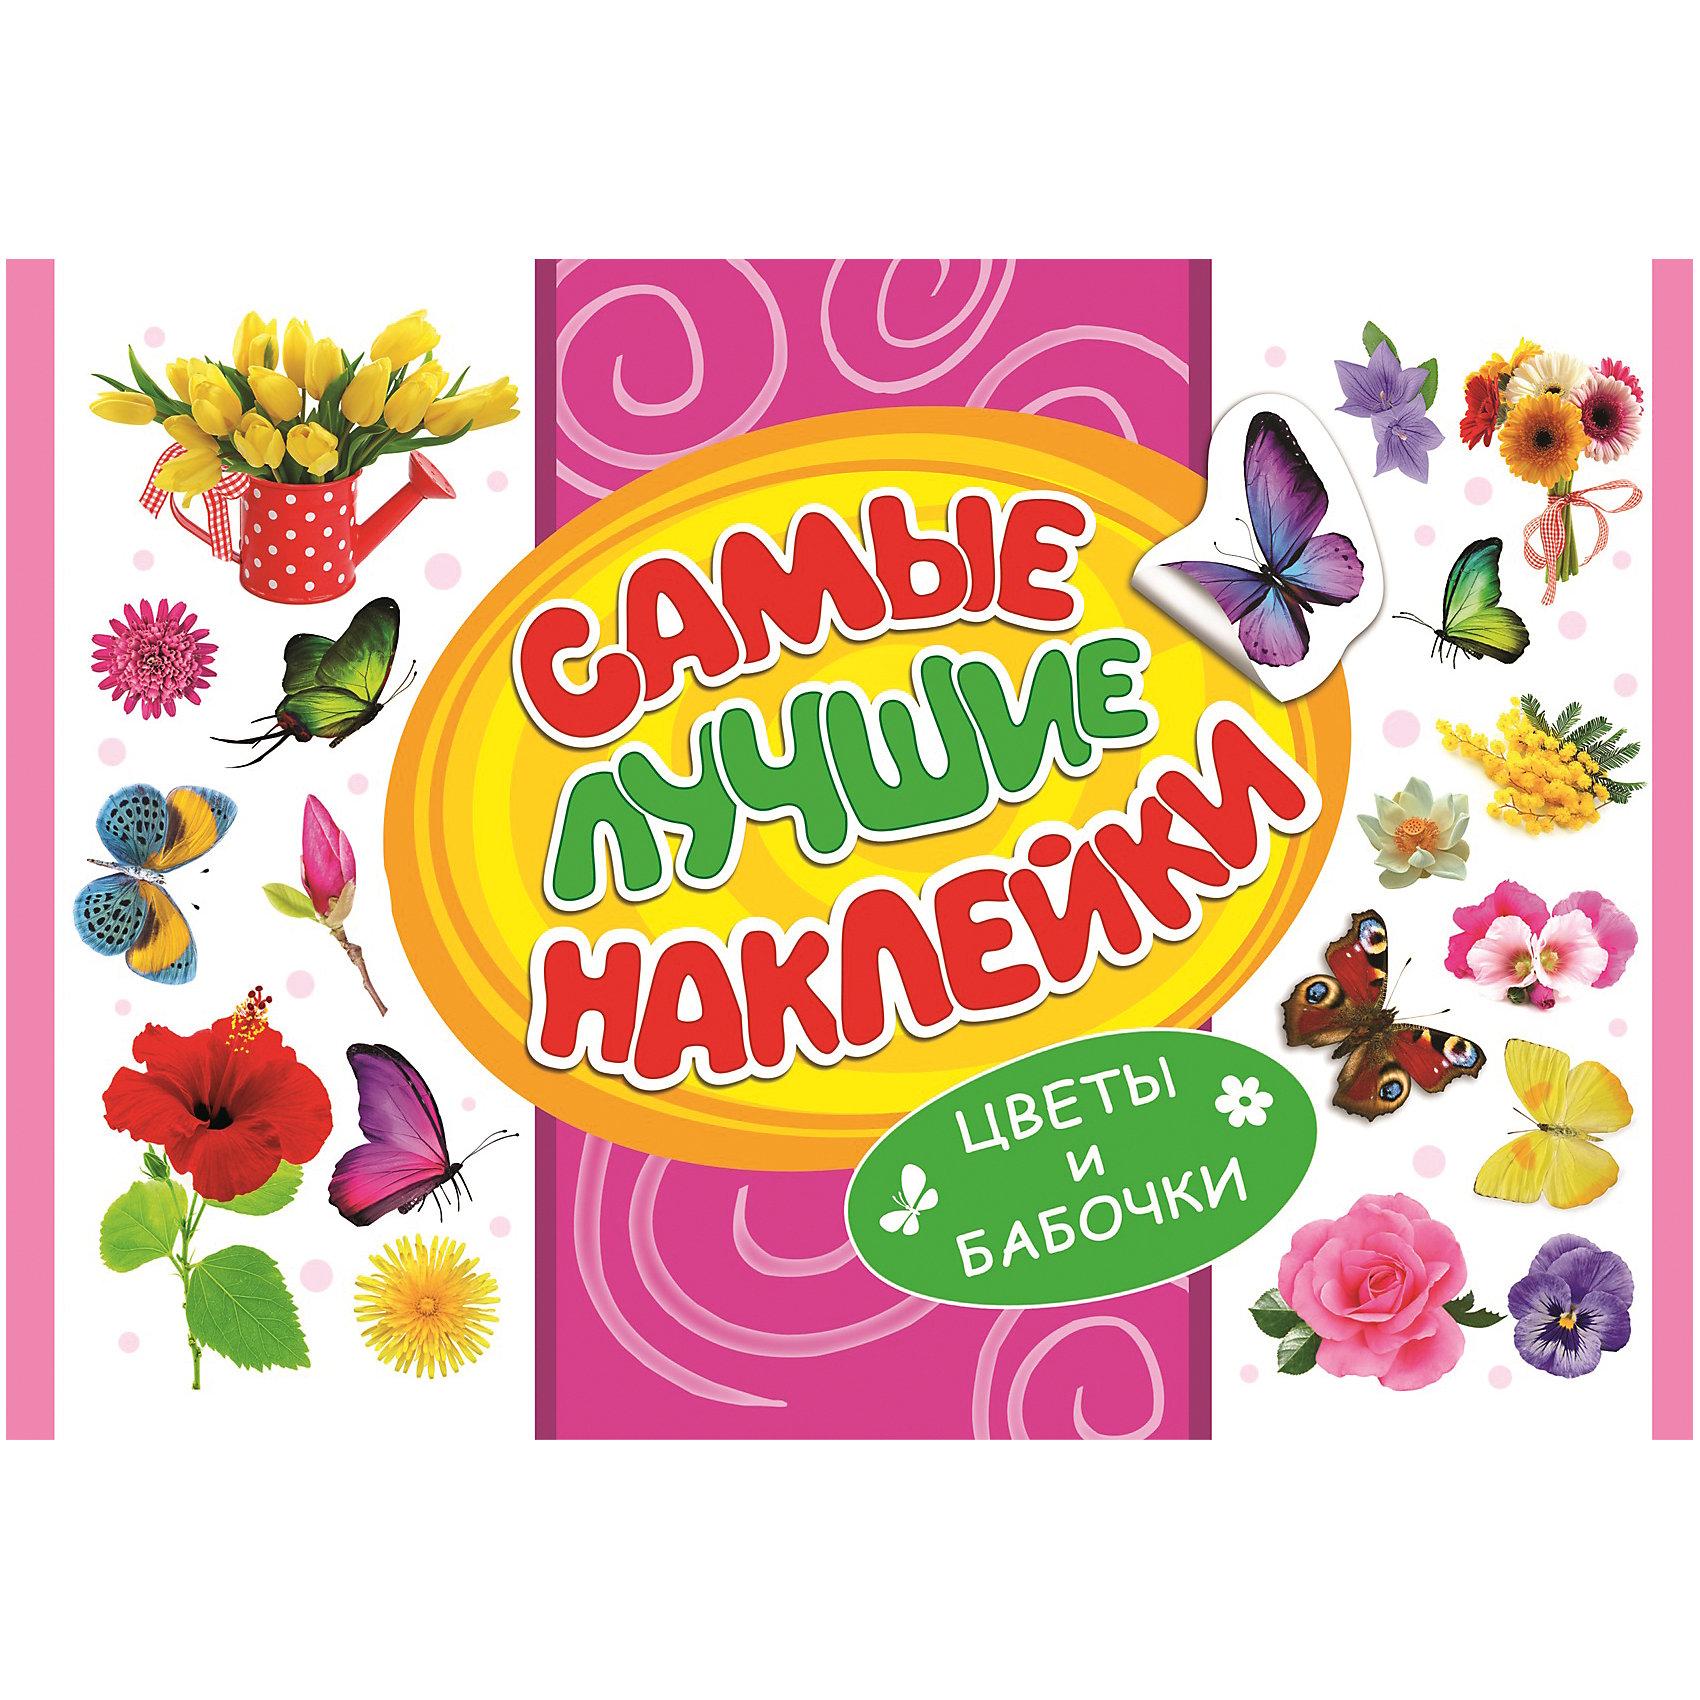 Самые лучшие наклейки, Цветы и бабочки (336 наклеек)Росмэн<br>Альбом Самые лучшие наклейки, Цветы и бабочки приятно порадует всех девочек. В альбоме содержится большое количество тематических наклеек с красочными изображениями цветов и нарядных бабочек разных видов. Они прекрасно подойдут для украшения рисунков,<br>открыток, различных предметов и игрушек.<br><br><br>Дополнительная информация:<br><br>- Обложка: мягкая.<br>- Иллюстрации: цветные.<br>- Объем: 16 стр.<br>- Размер: 30 х 0,2 х 20 см.<br>- Вес: 101 гр.<br><br>Самые лучшие наклейки, Цветы и бабочки, Росмэн, можно купить в нашем интернет-магазине.<br><br>Ширина мм: 300<br>Глубина мм: 200<br>Высота мм: 2<br>Вес г: 101<br>Возраст от месяцев: 60<br>Возраст до месяцев: 144<br>Пол: Унисекс<br>Возраст: Детский<br>SKU: 4720620